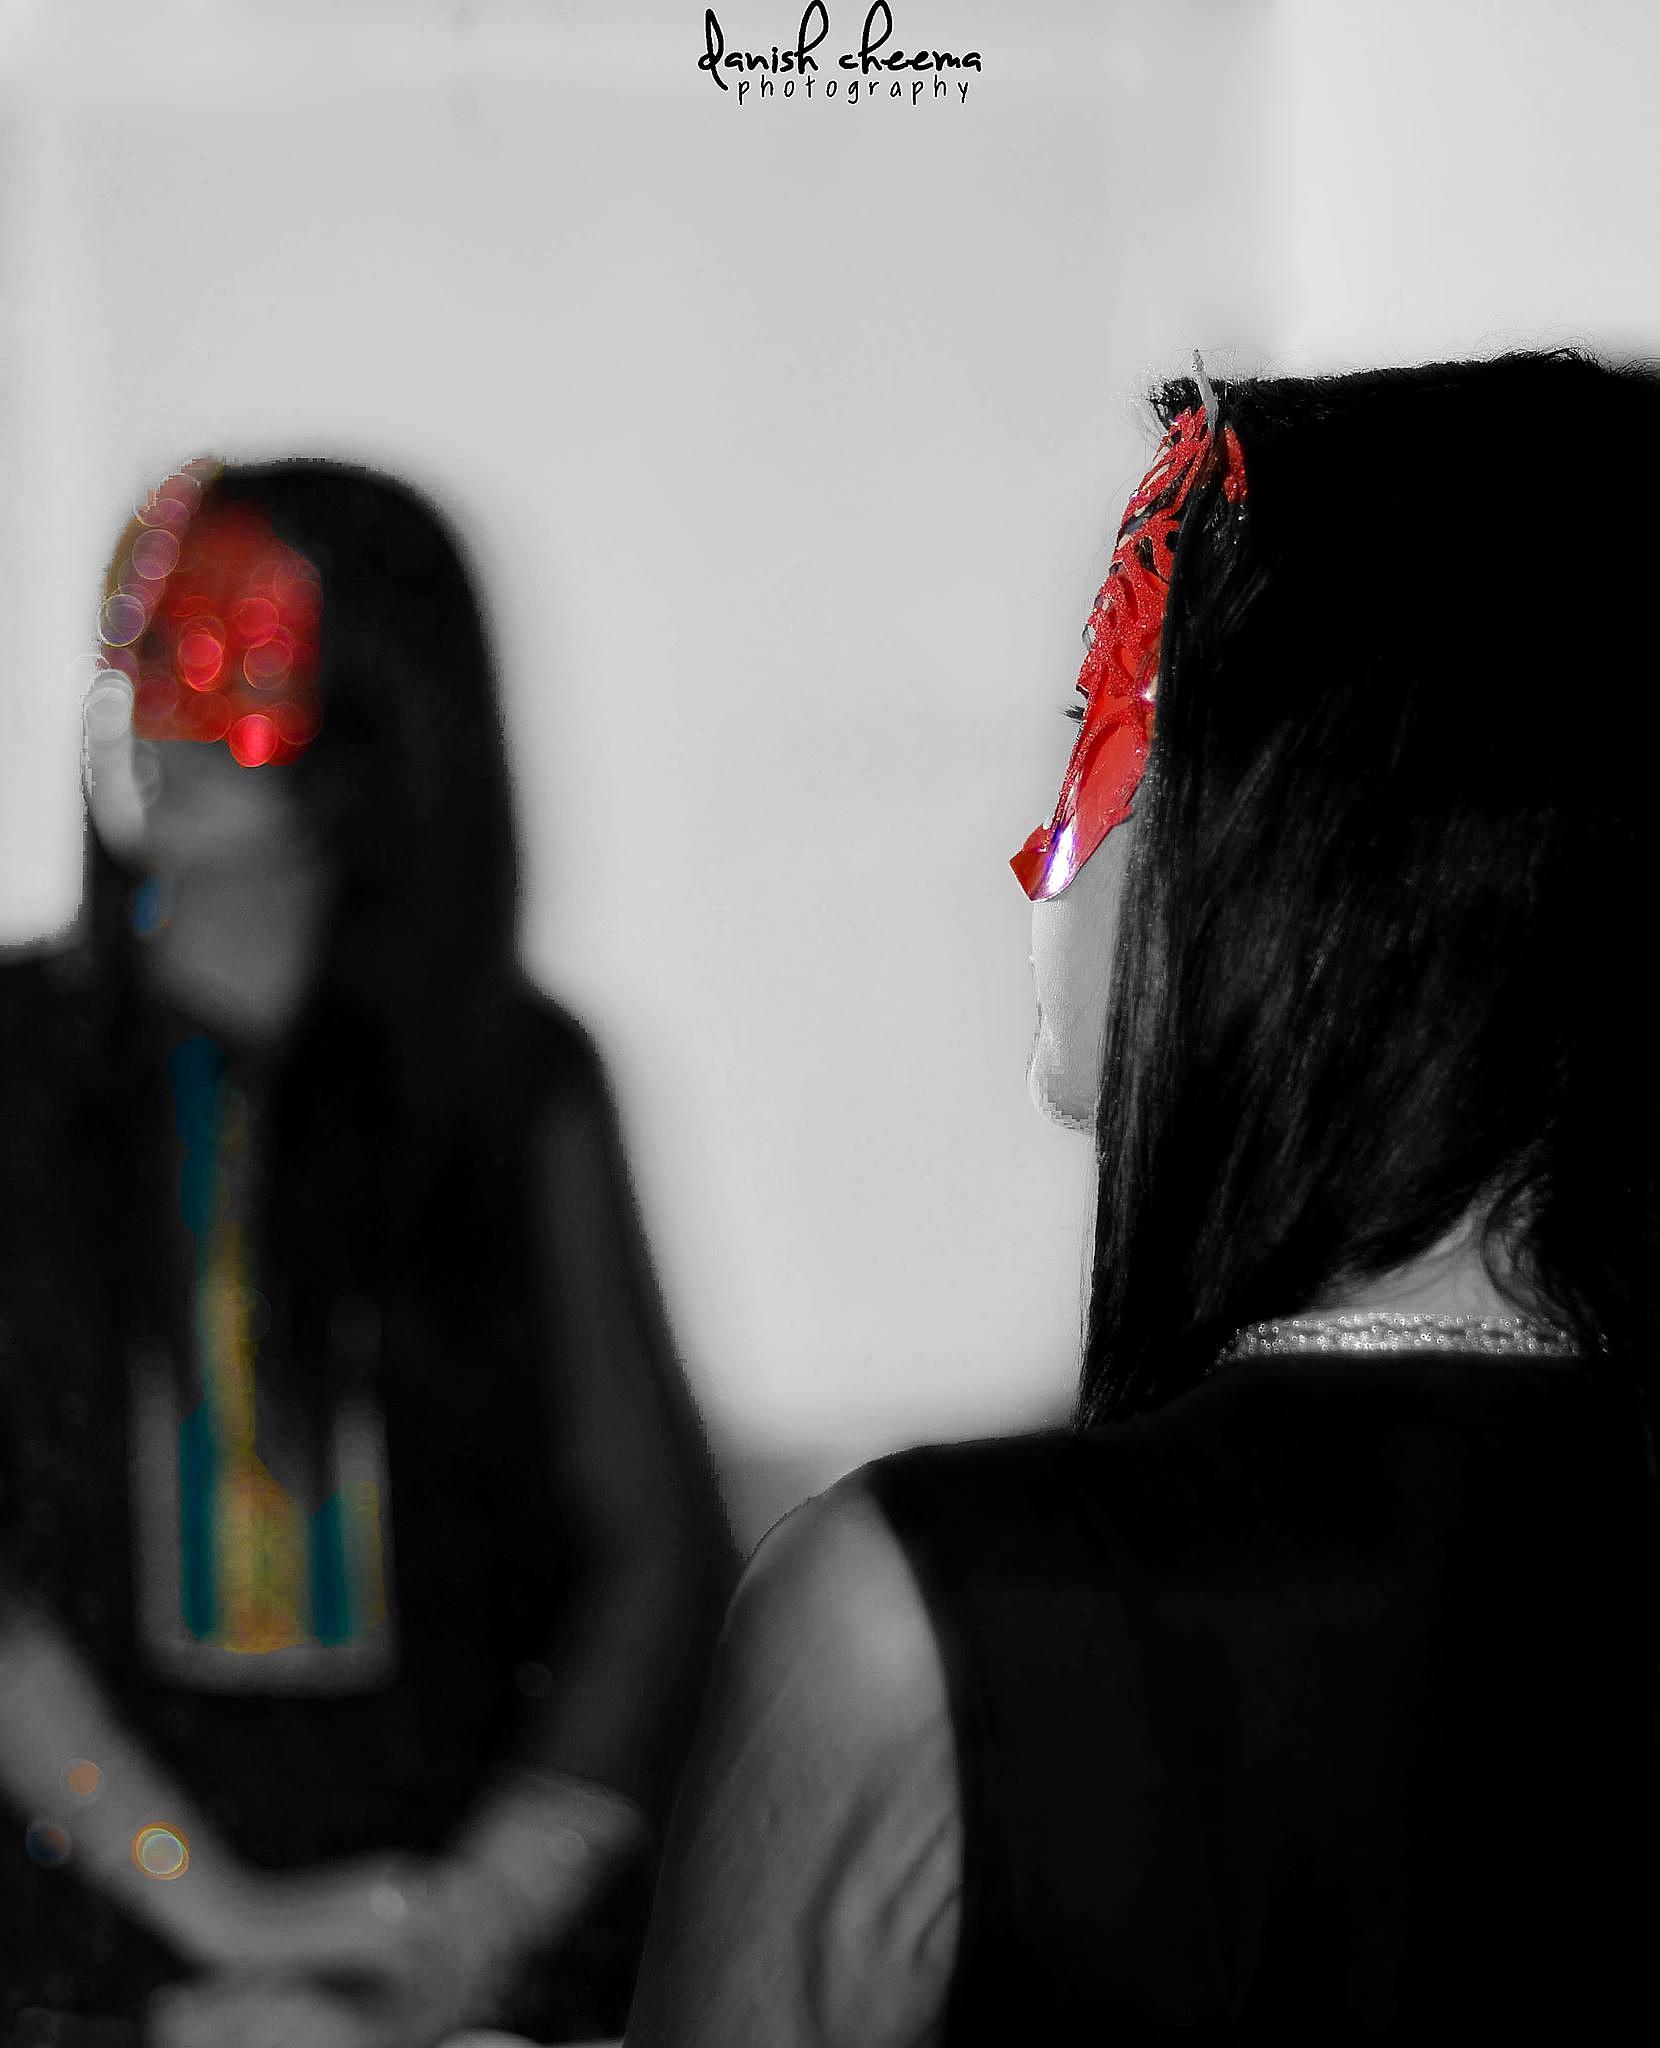 #mirror #beautiful lady  by danish murtaza cheema